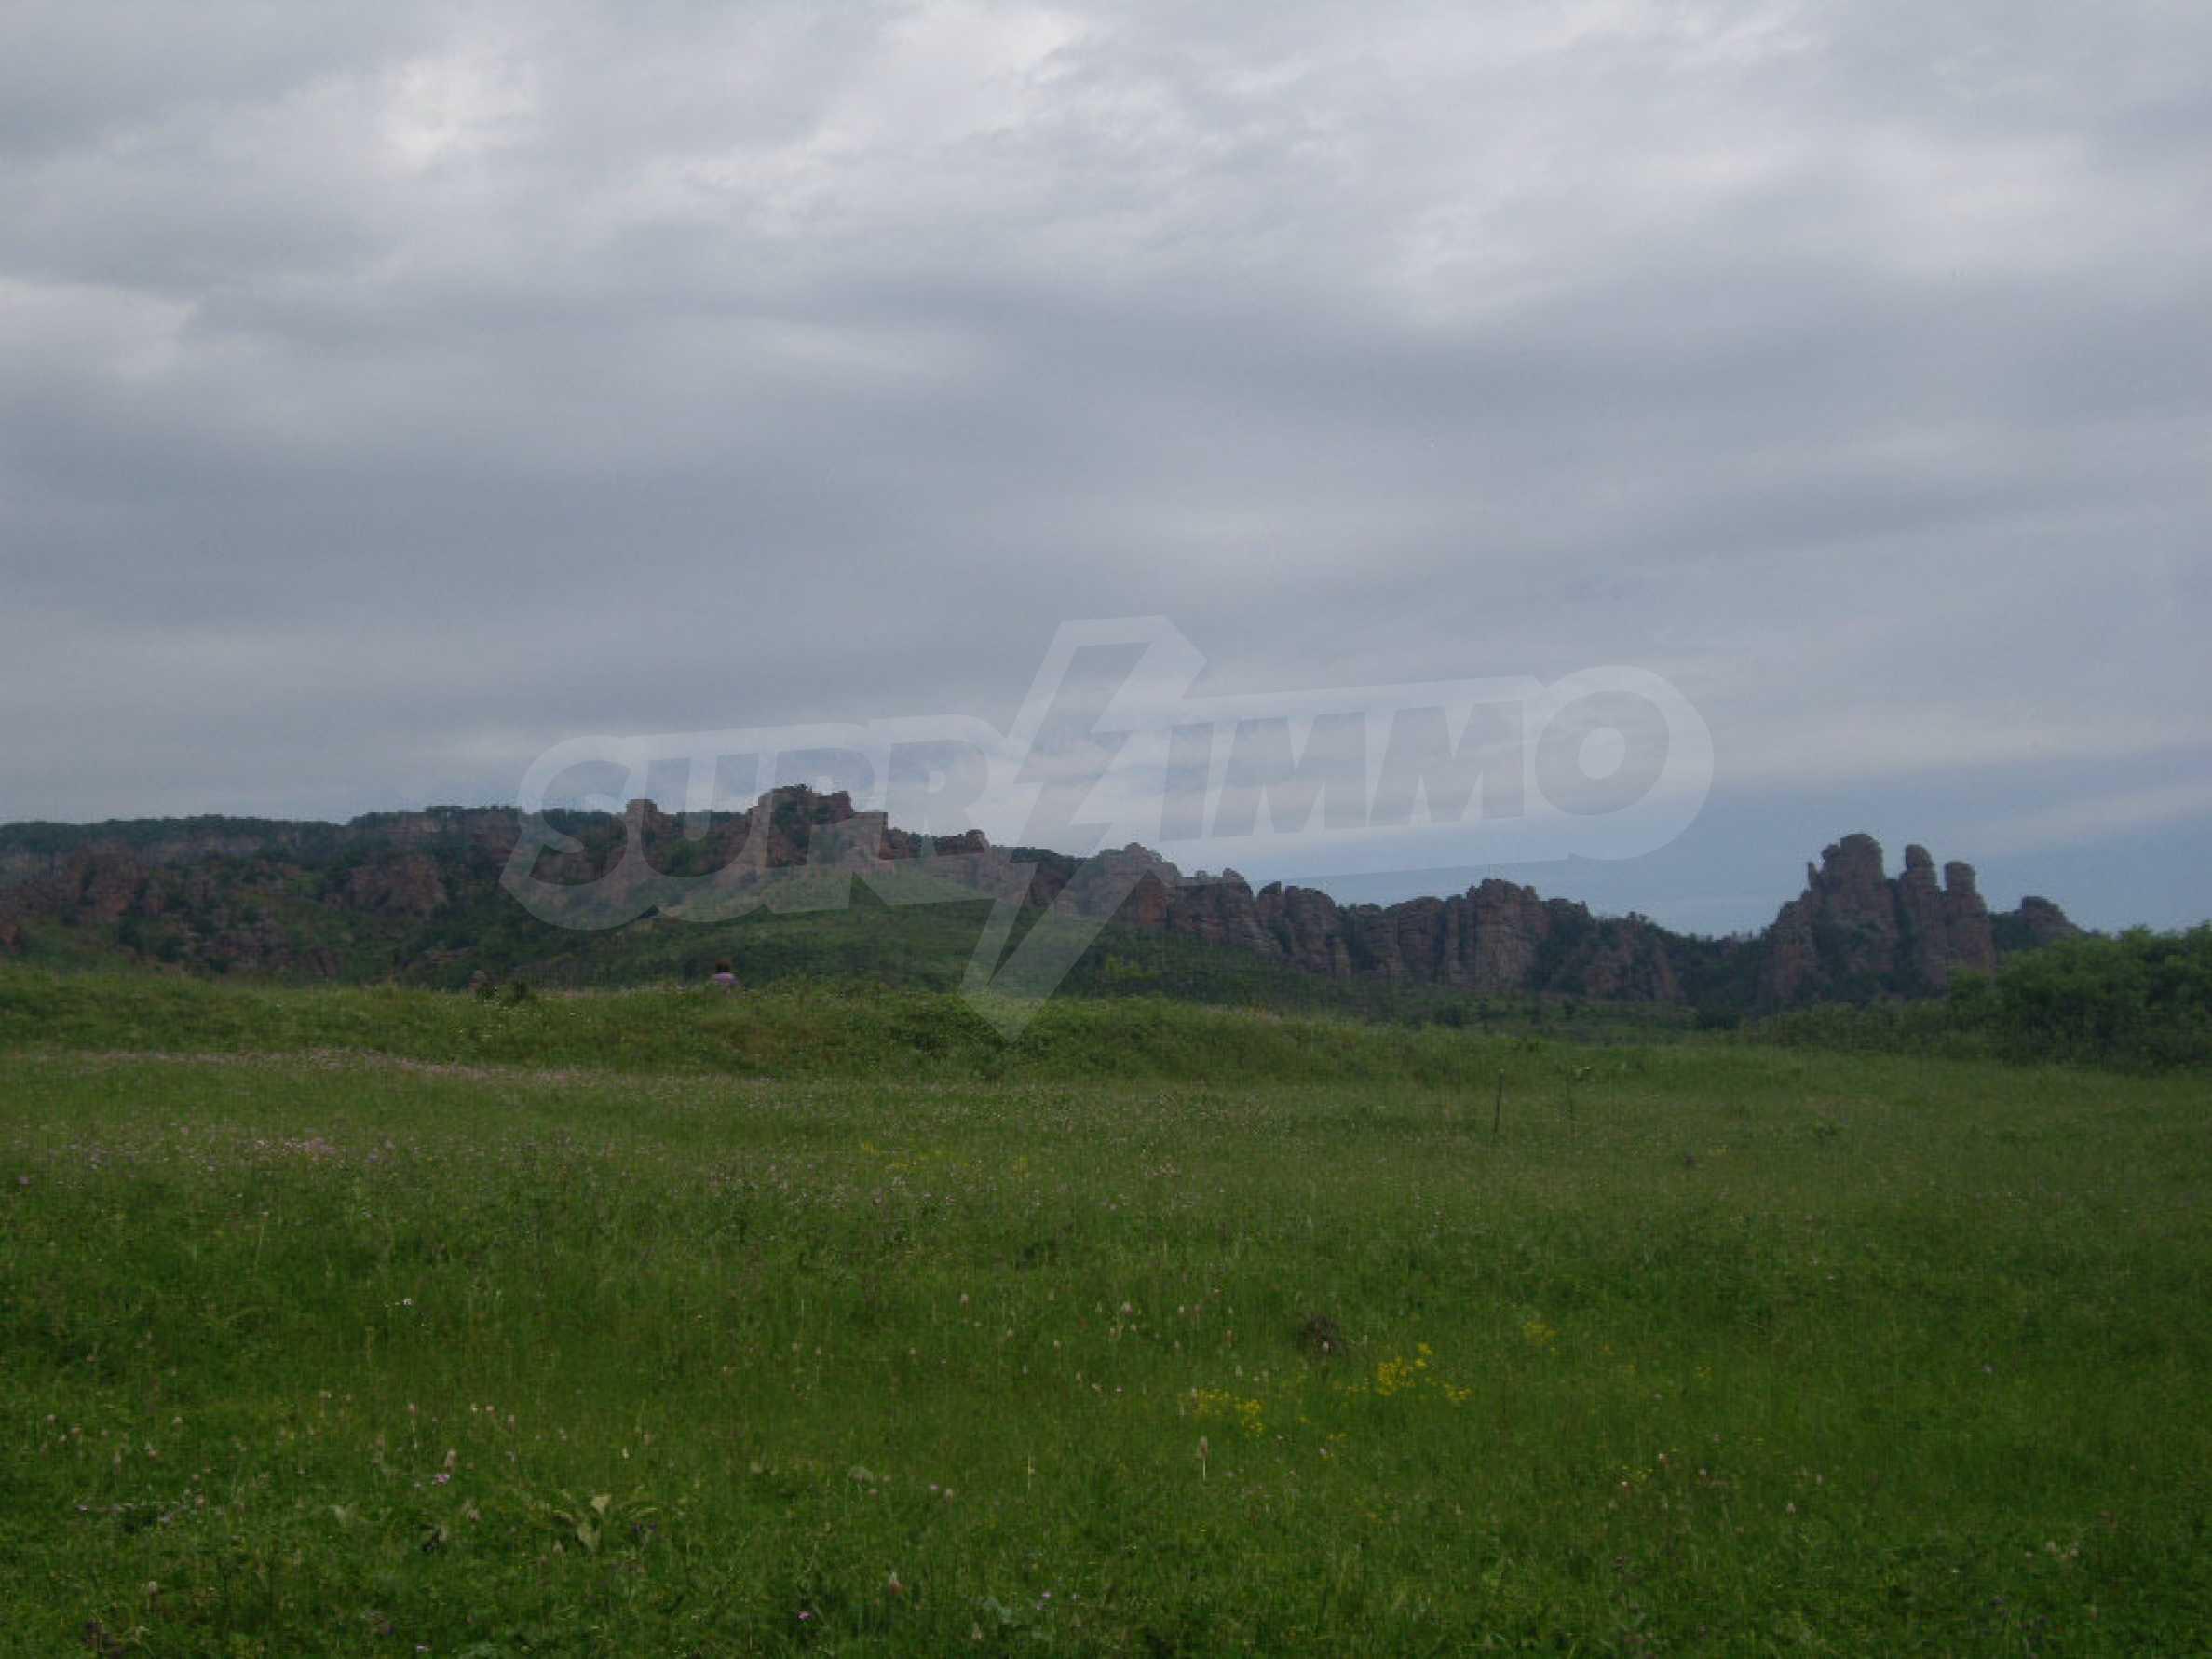 Großes unreguliertes Grundstück 50 km von Vidin entfernt 1